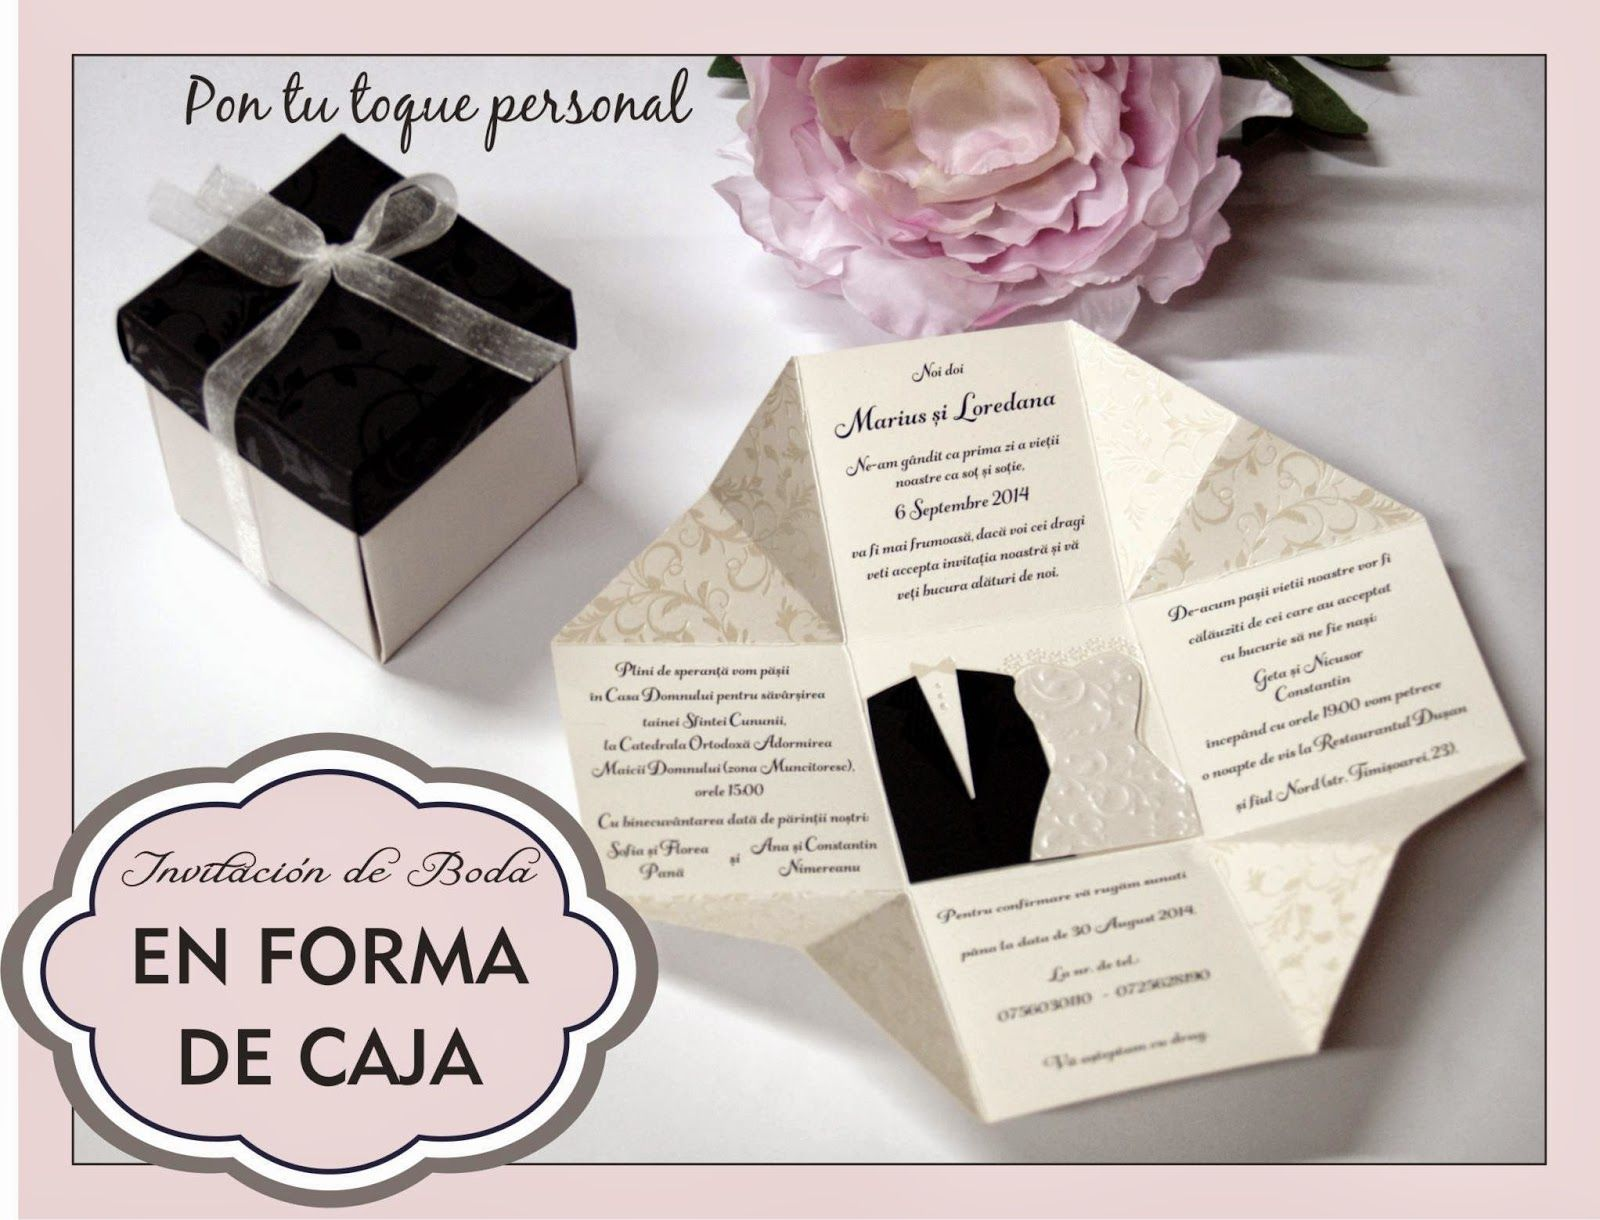 Invitacion De Boda Original Con Forma De Caja Desplegable Original Y Divertida A La Vez Que Eleg Invitacion Boda Originales Invitaciones De Boda Invitaciones